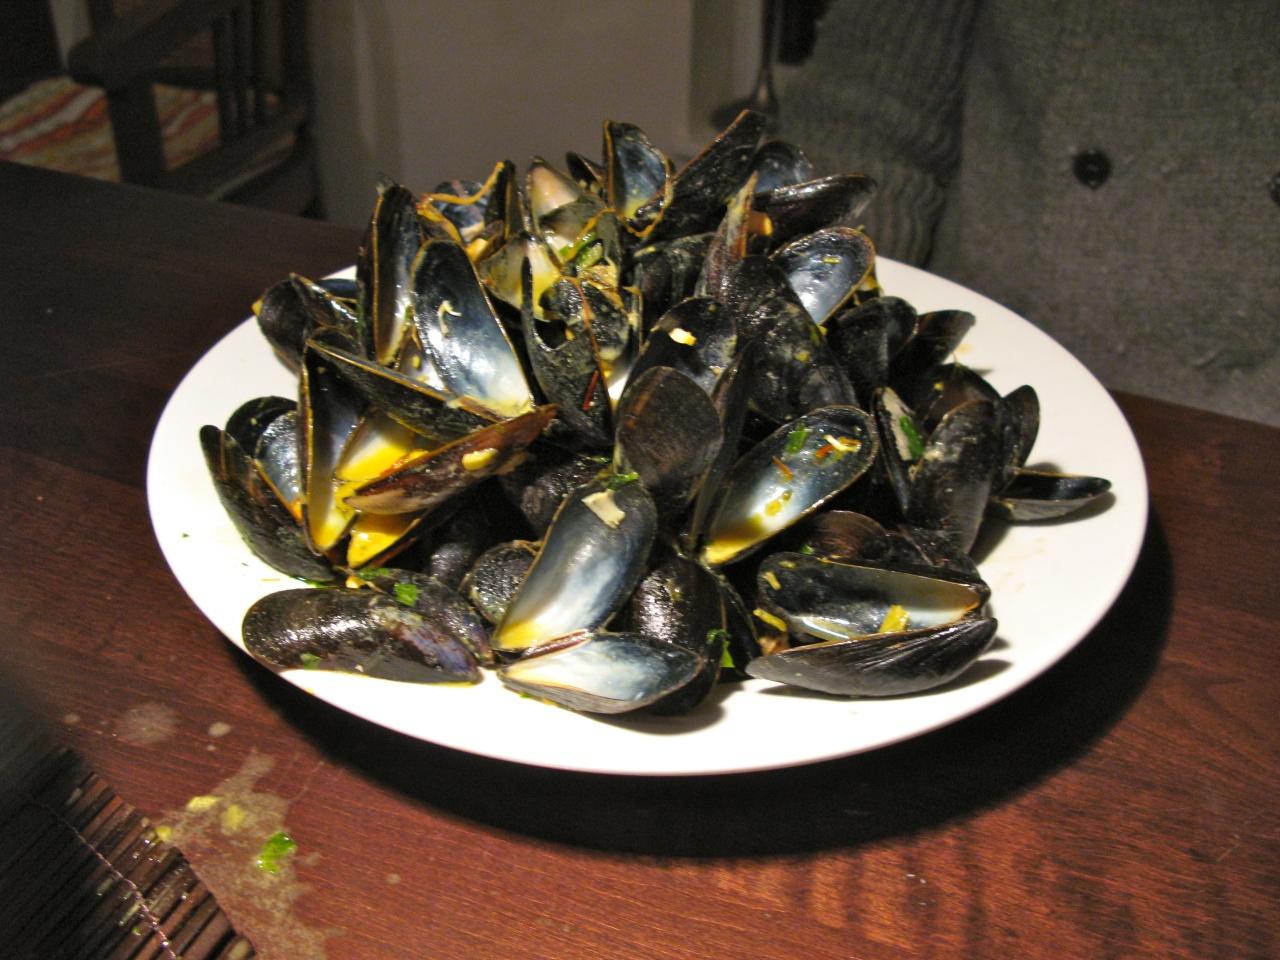 Muscheln mit Safran undSenf